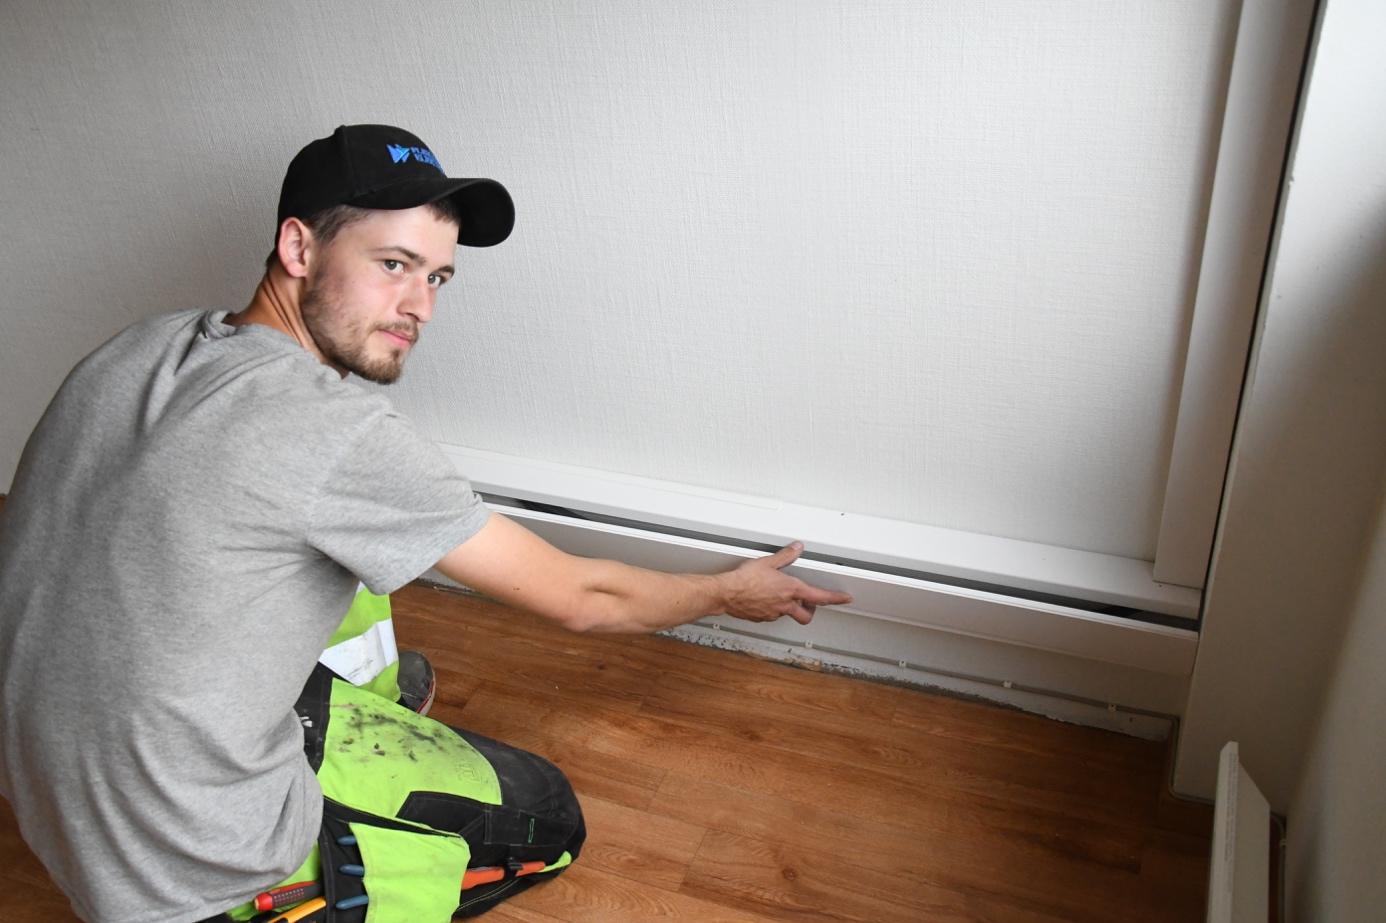 Et bilde som inneholder person, innendørs, vegg, gulv  Automatisk generert beskrivelse